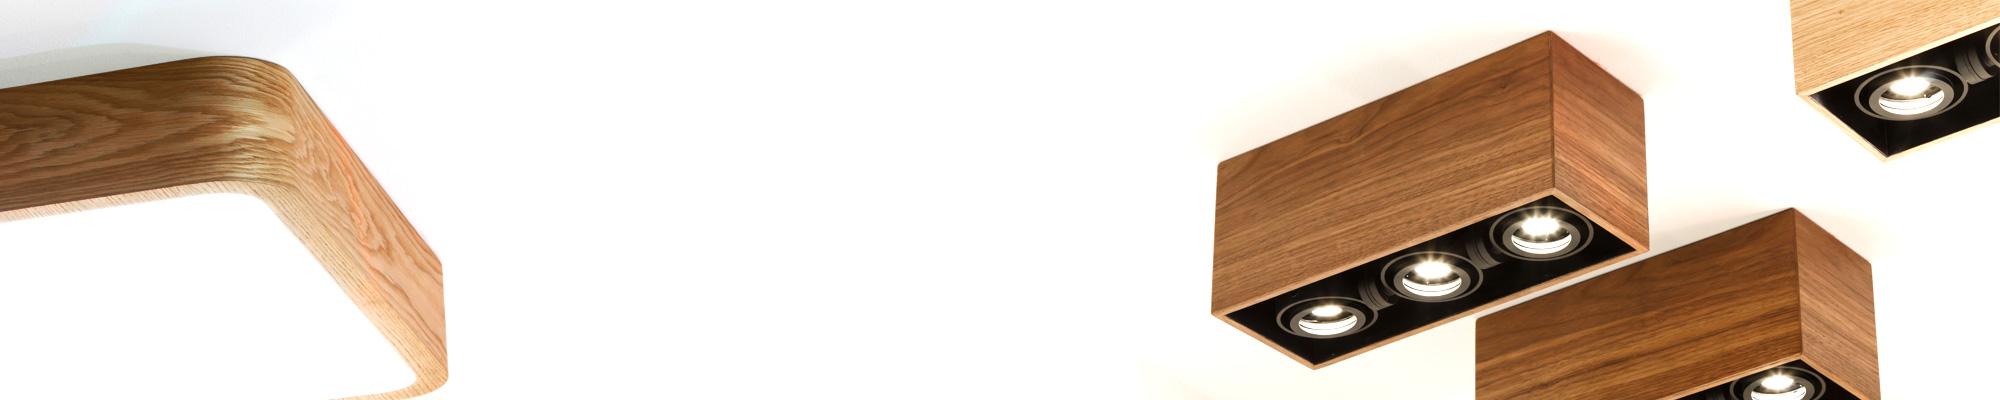 LED_drevene_svietidla